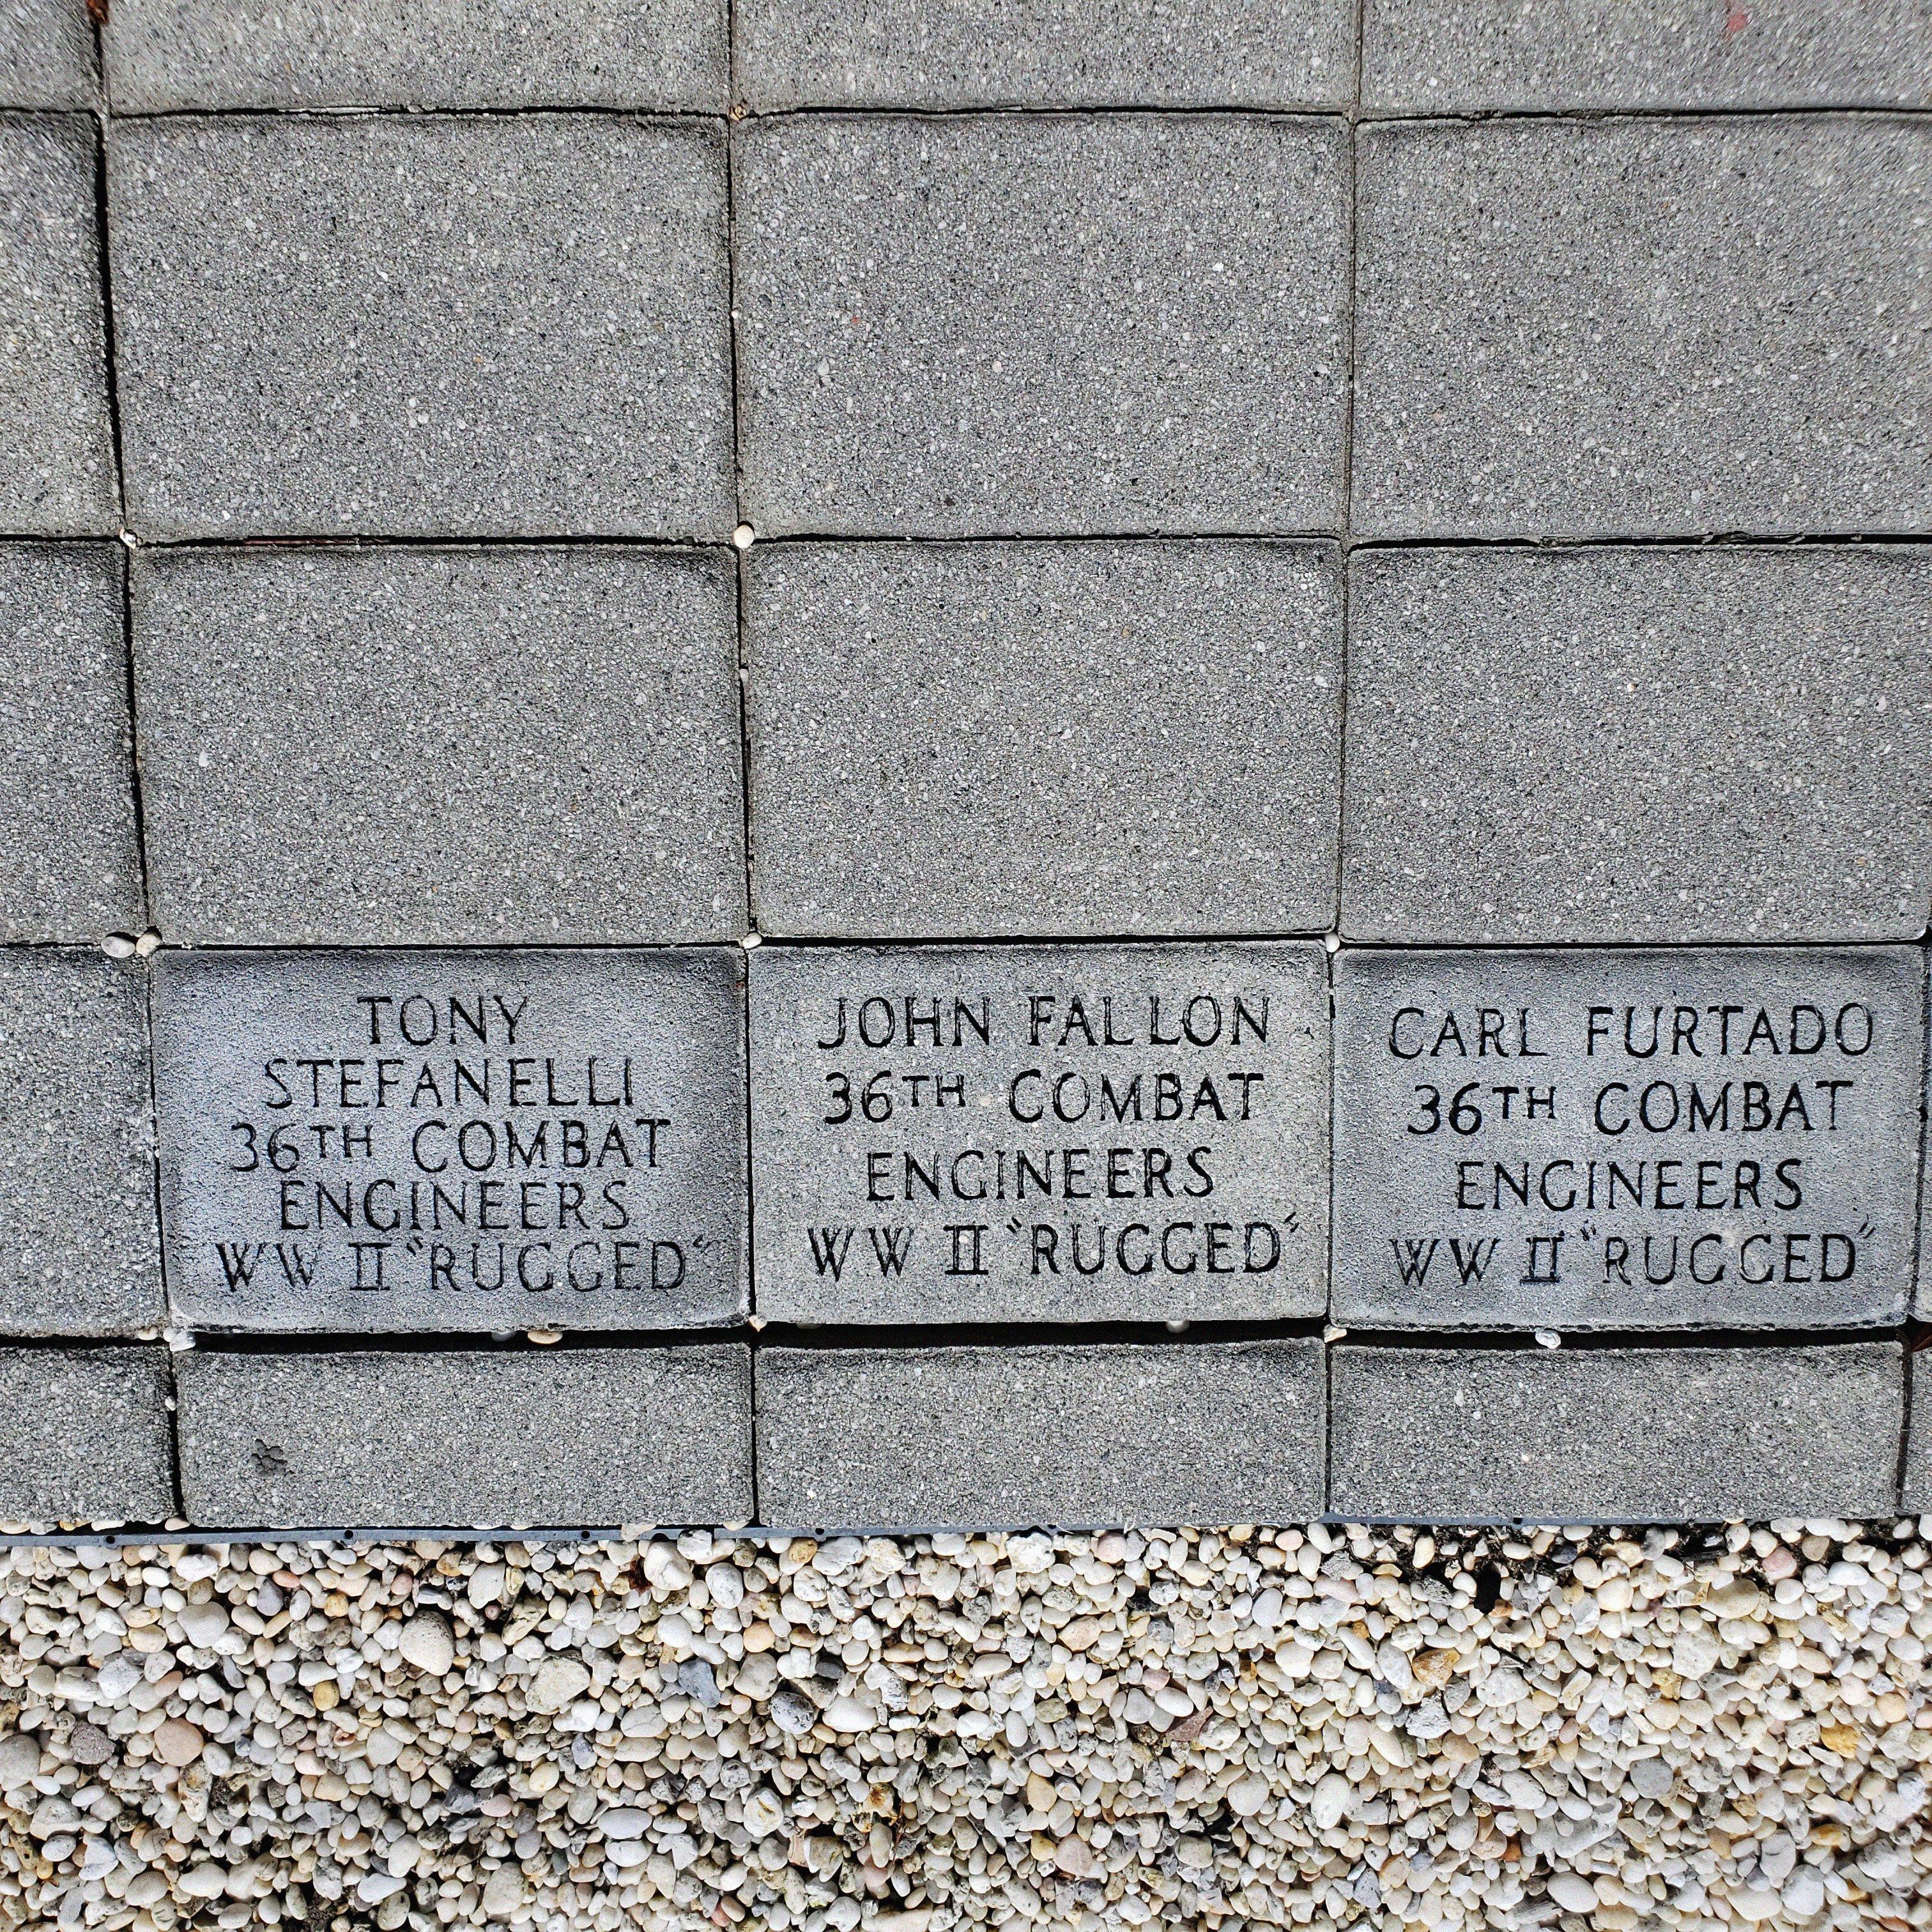 Memorial_at_American_Legion_Post_331_Stone_Harbor_NJ_8_22_19.jpg